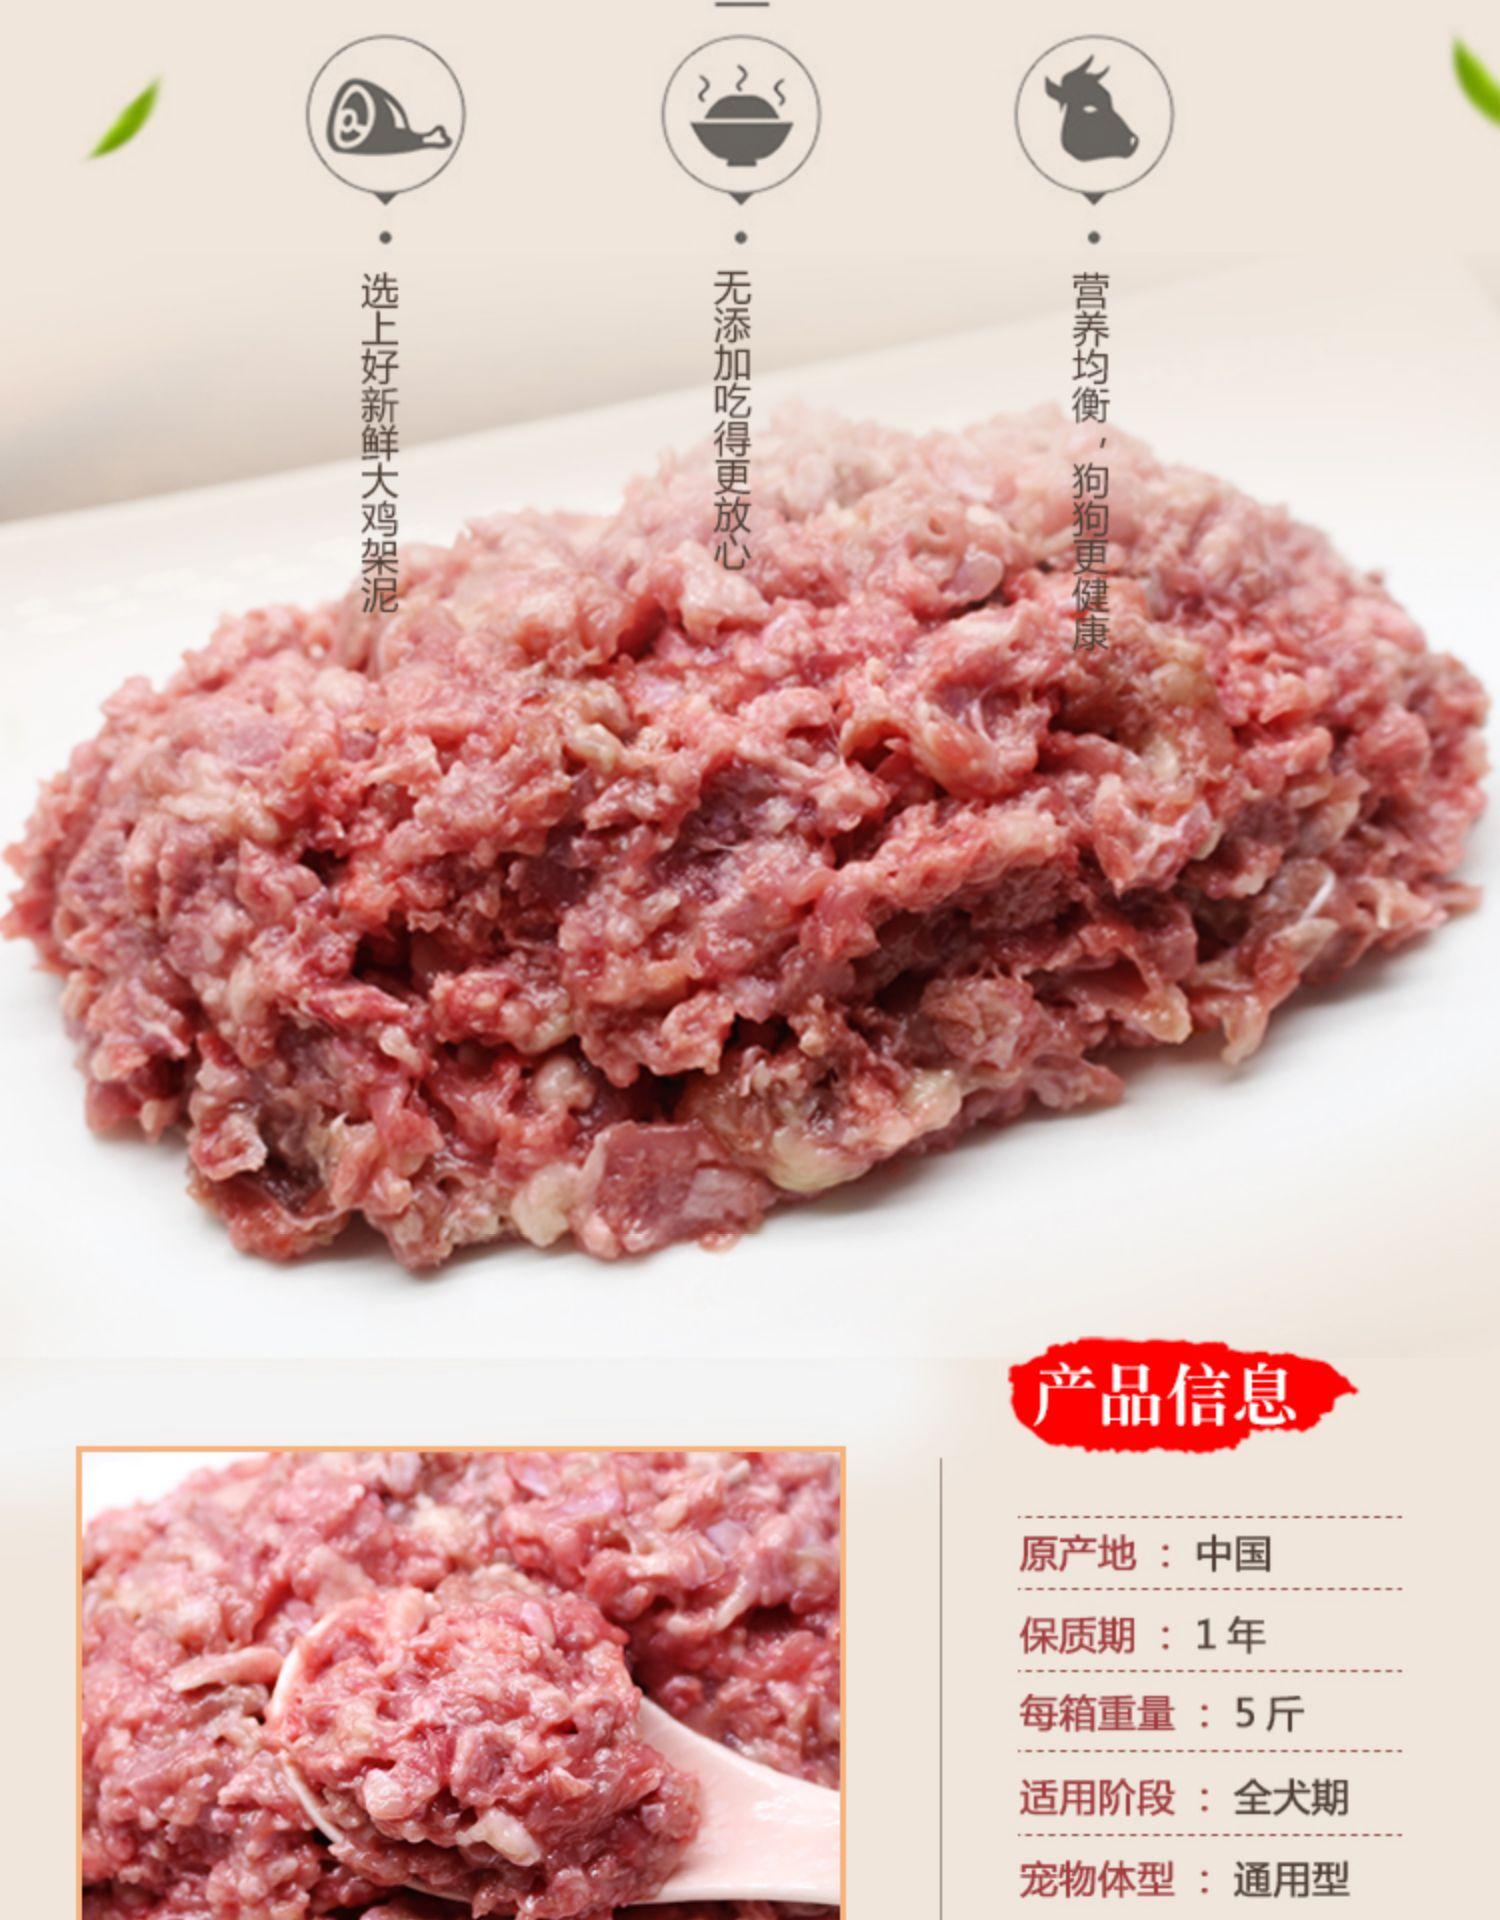 五斤装包邮新鲜生鸡架泥天然自制半湿狗食猫粮鸡肉泥碎肉详细照片